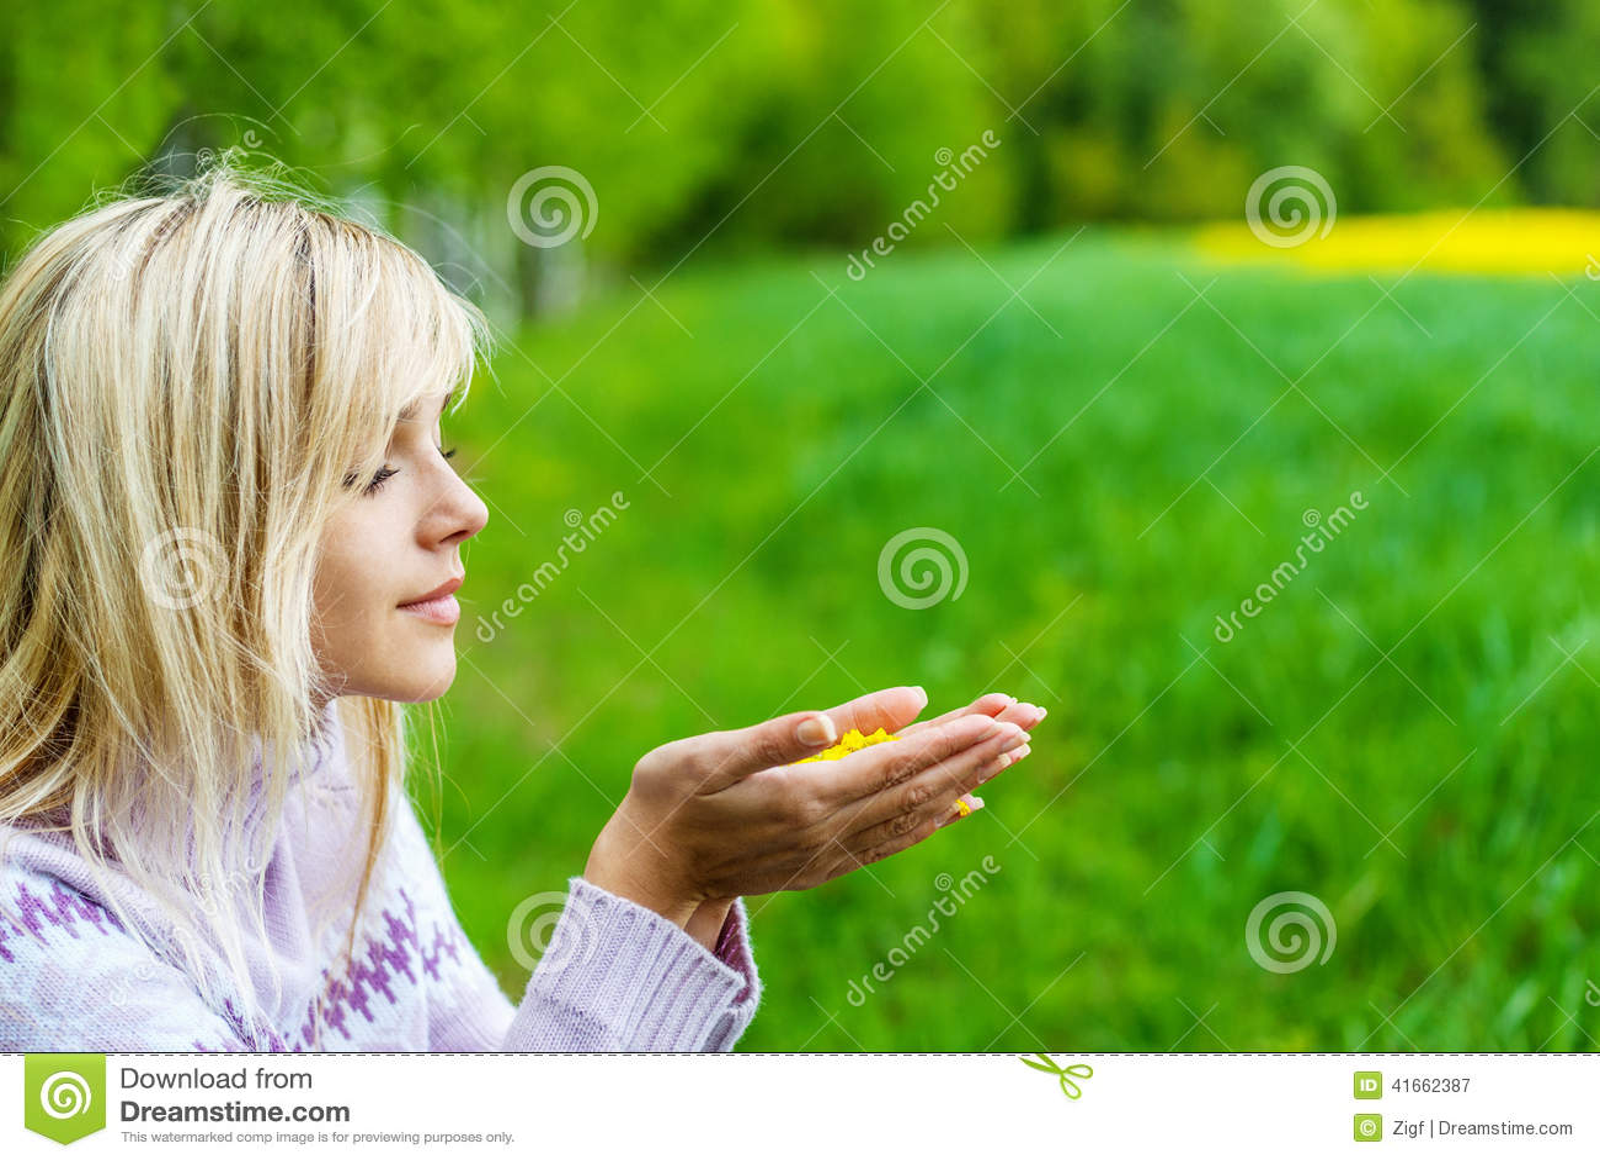 Девушка с лепестками цветка